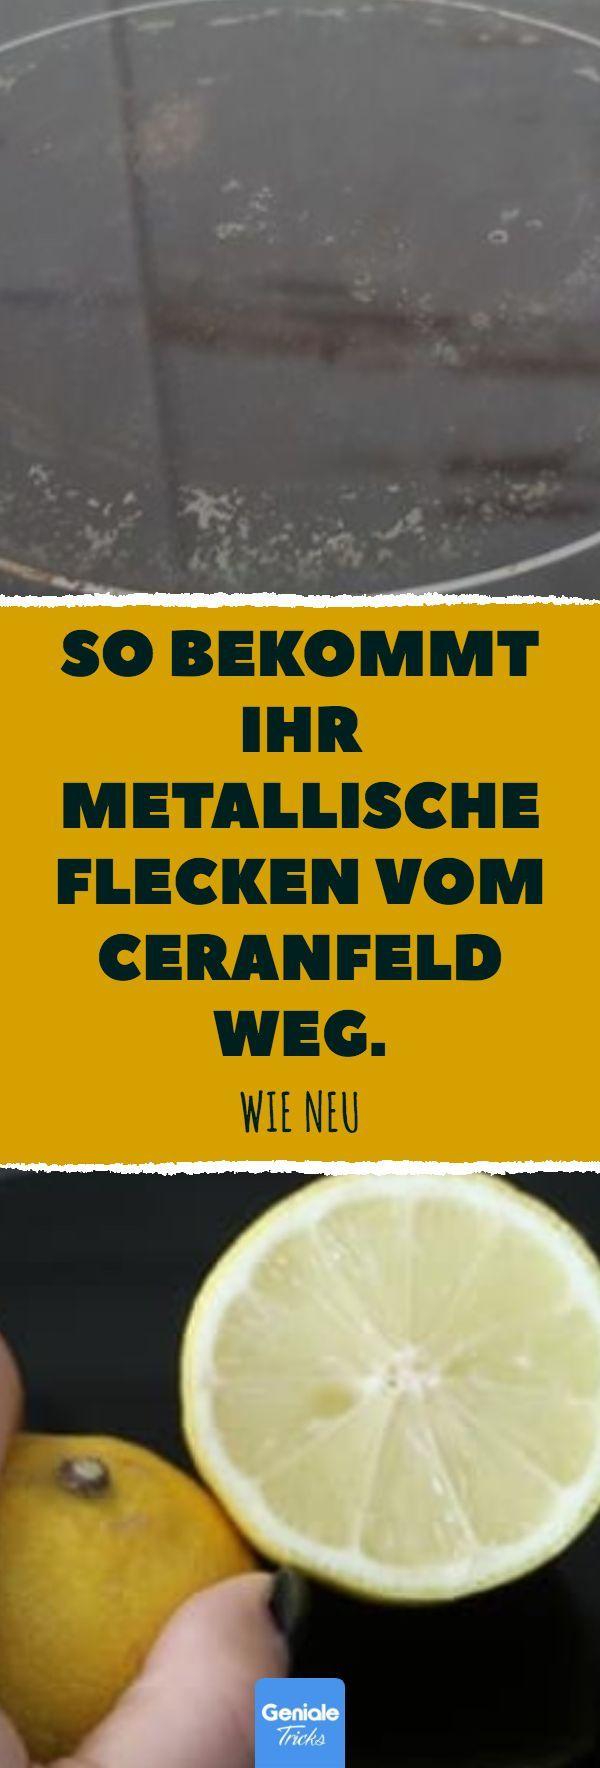 So bekommt ihr metallische Flecken vom Ceranfeld w…